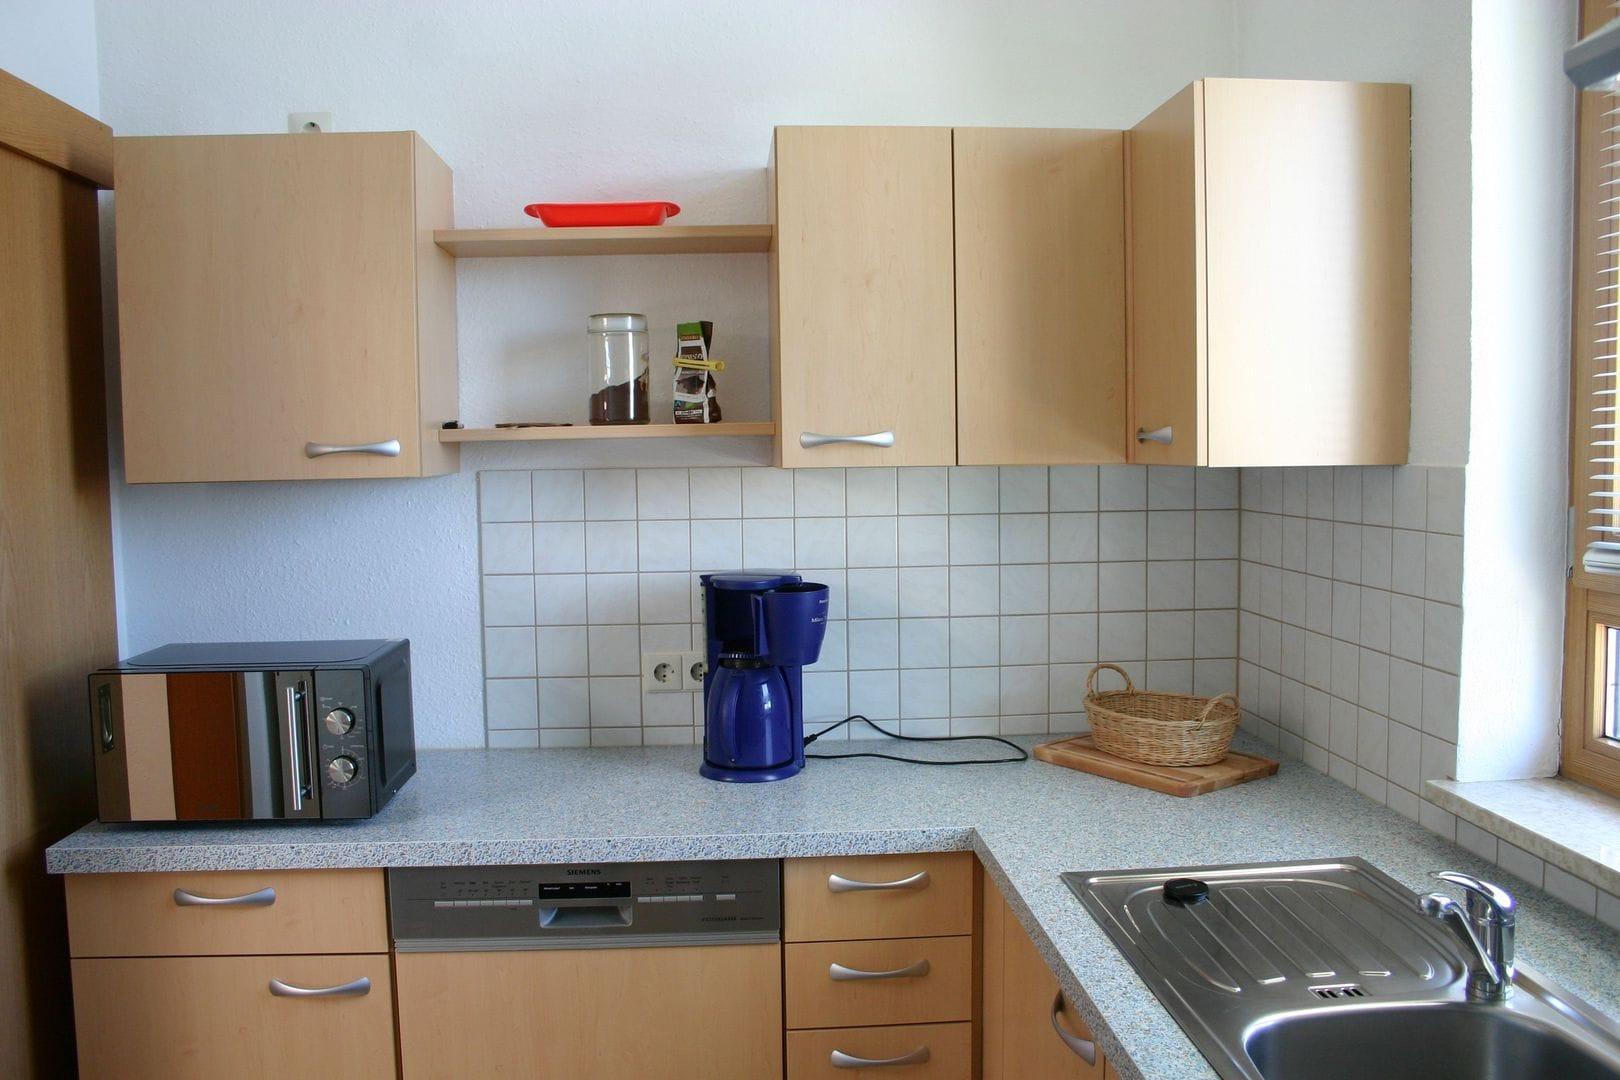 Thiemer Bodenseetraum 2